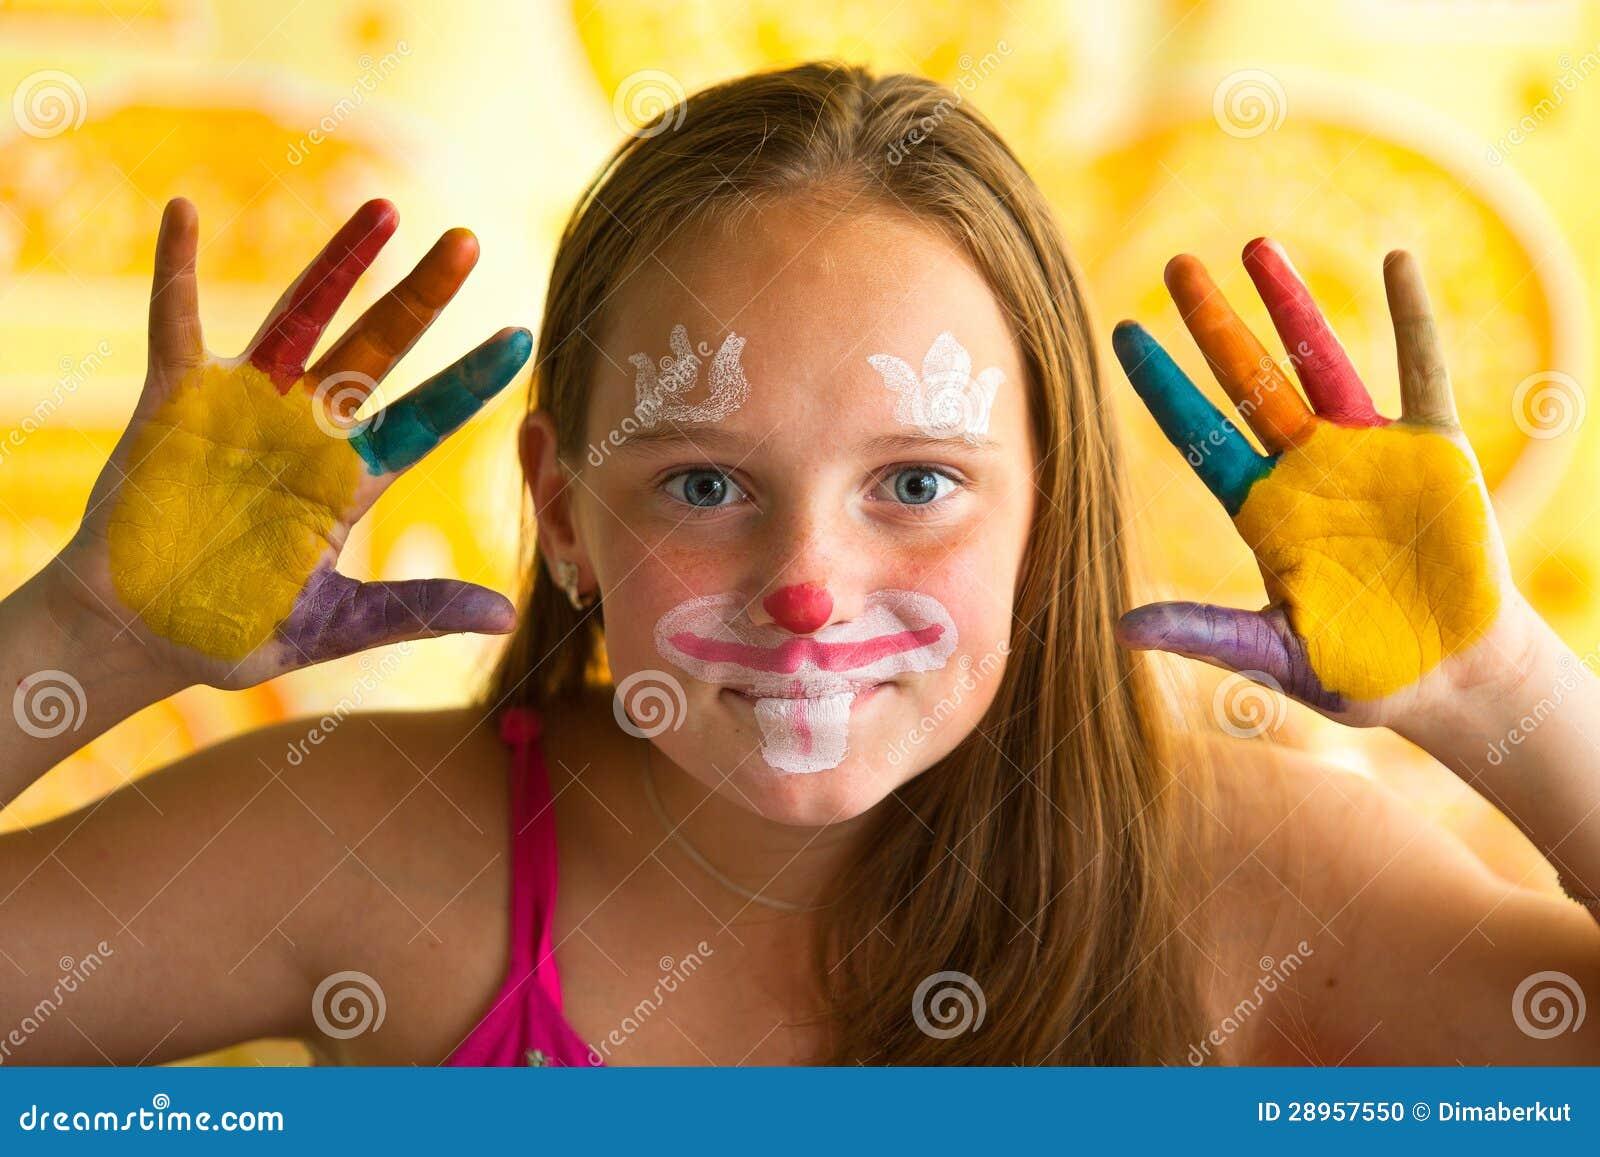 Portret mała dziewczynka - ręka malująca